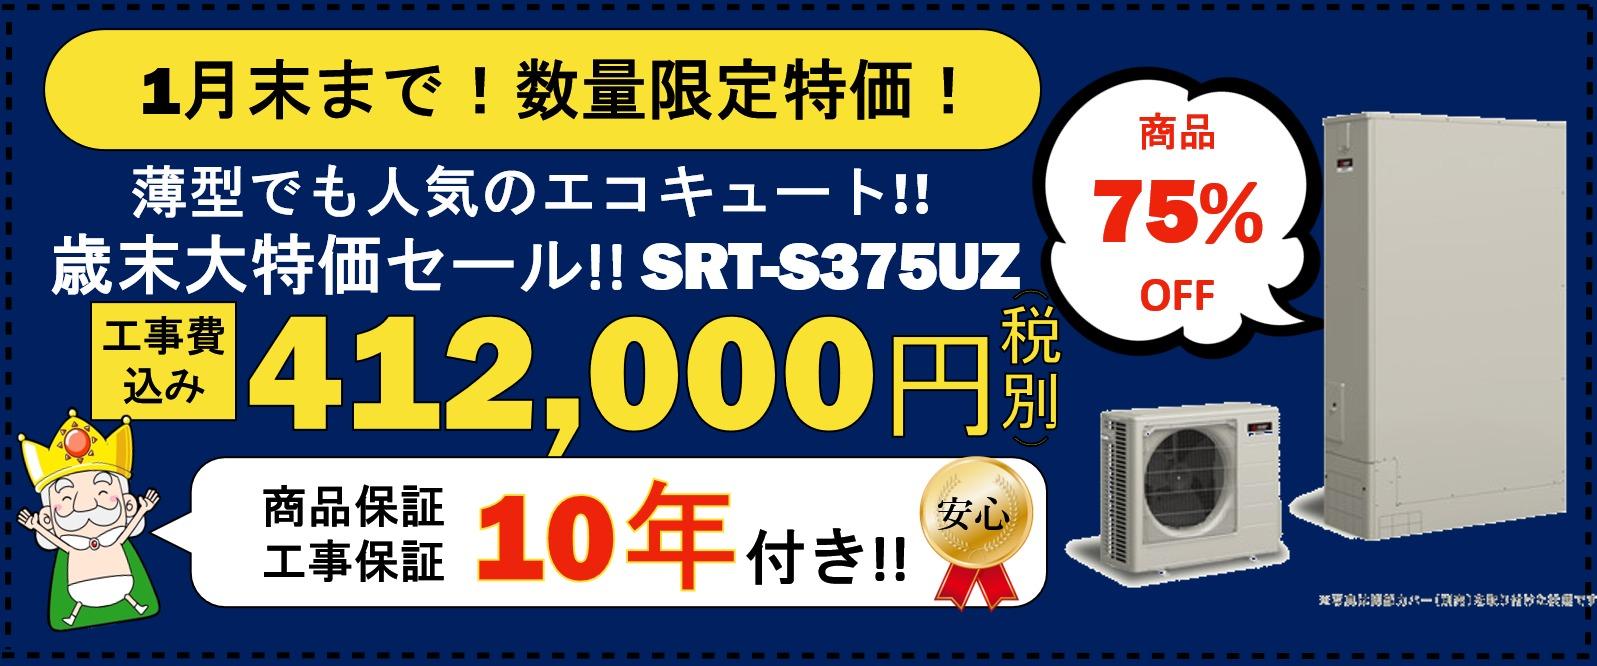 SRT-S375UZ